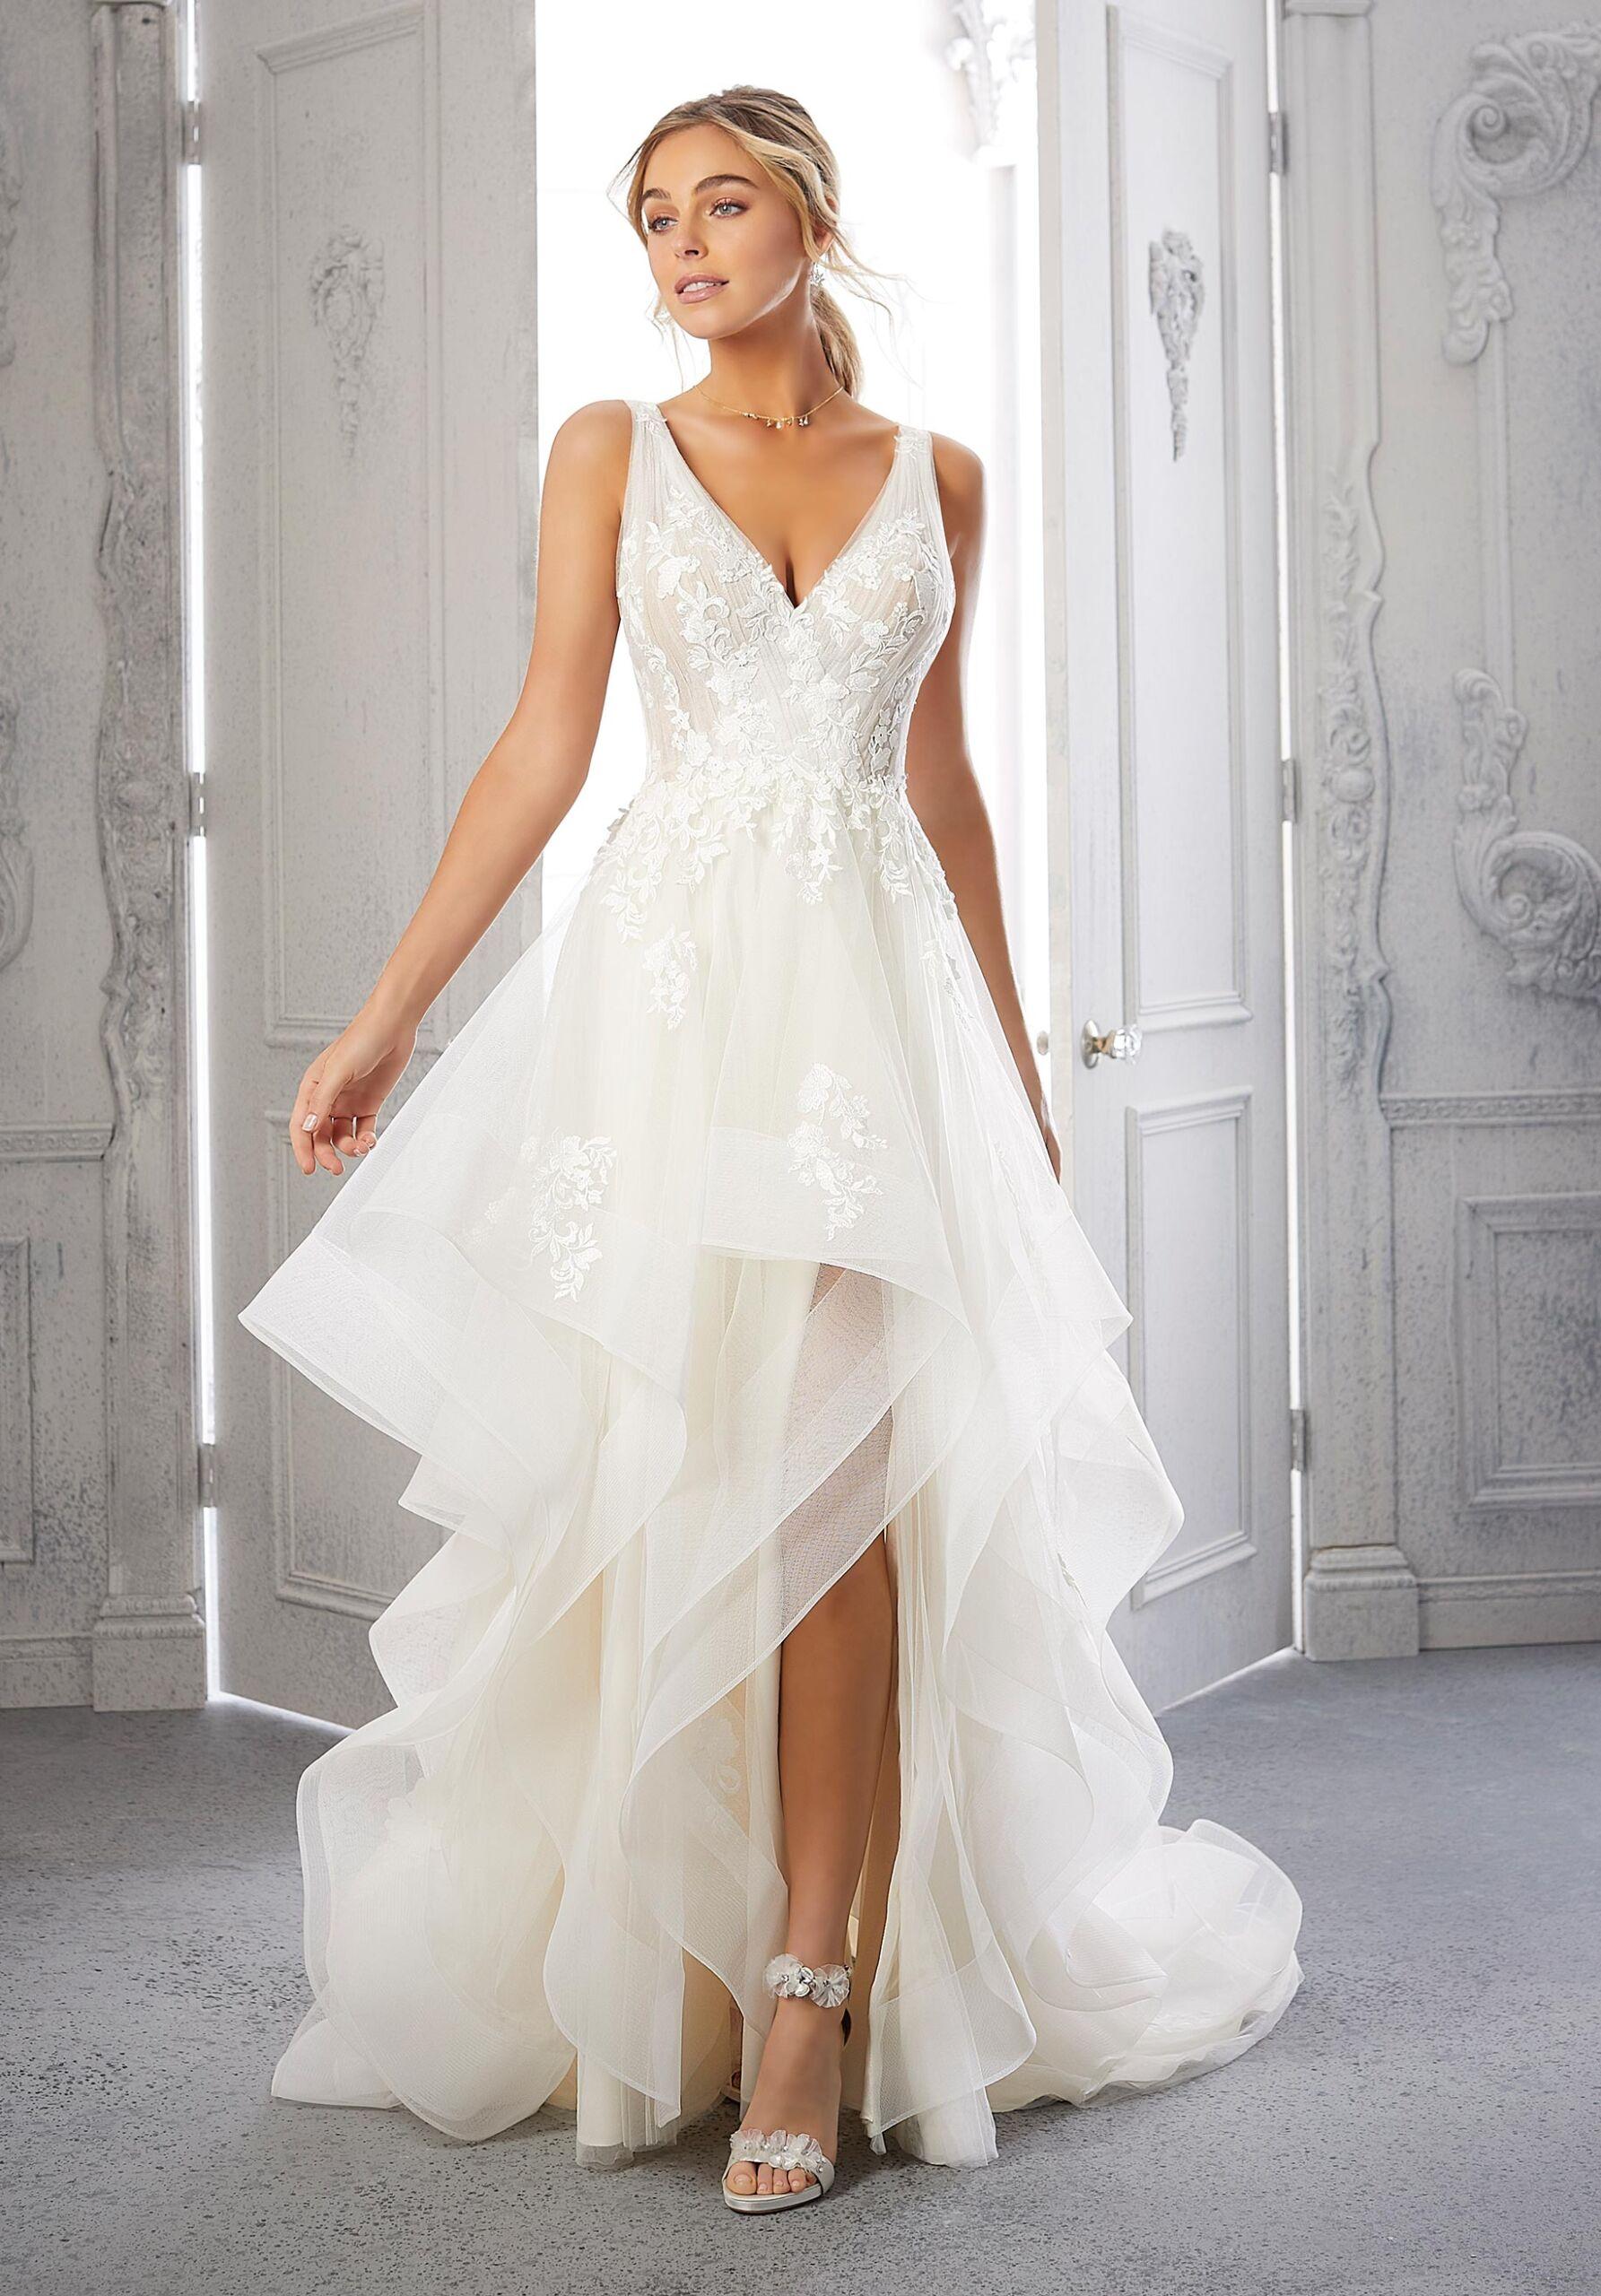 morilee-bridal-gown-03.jpg